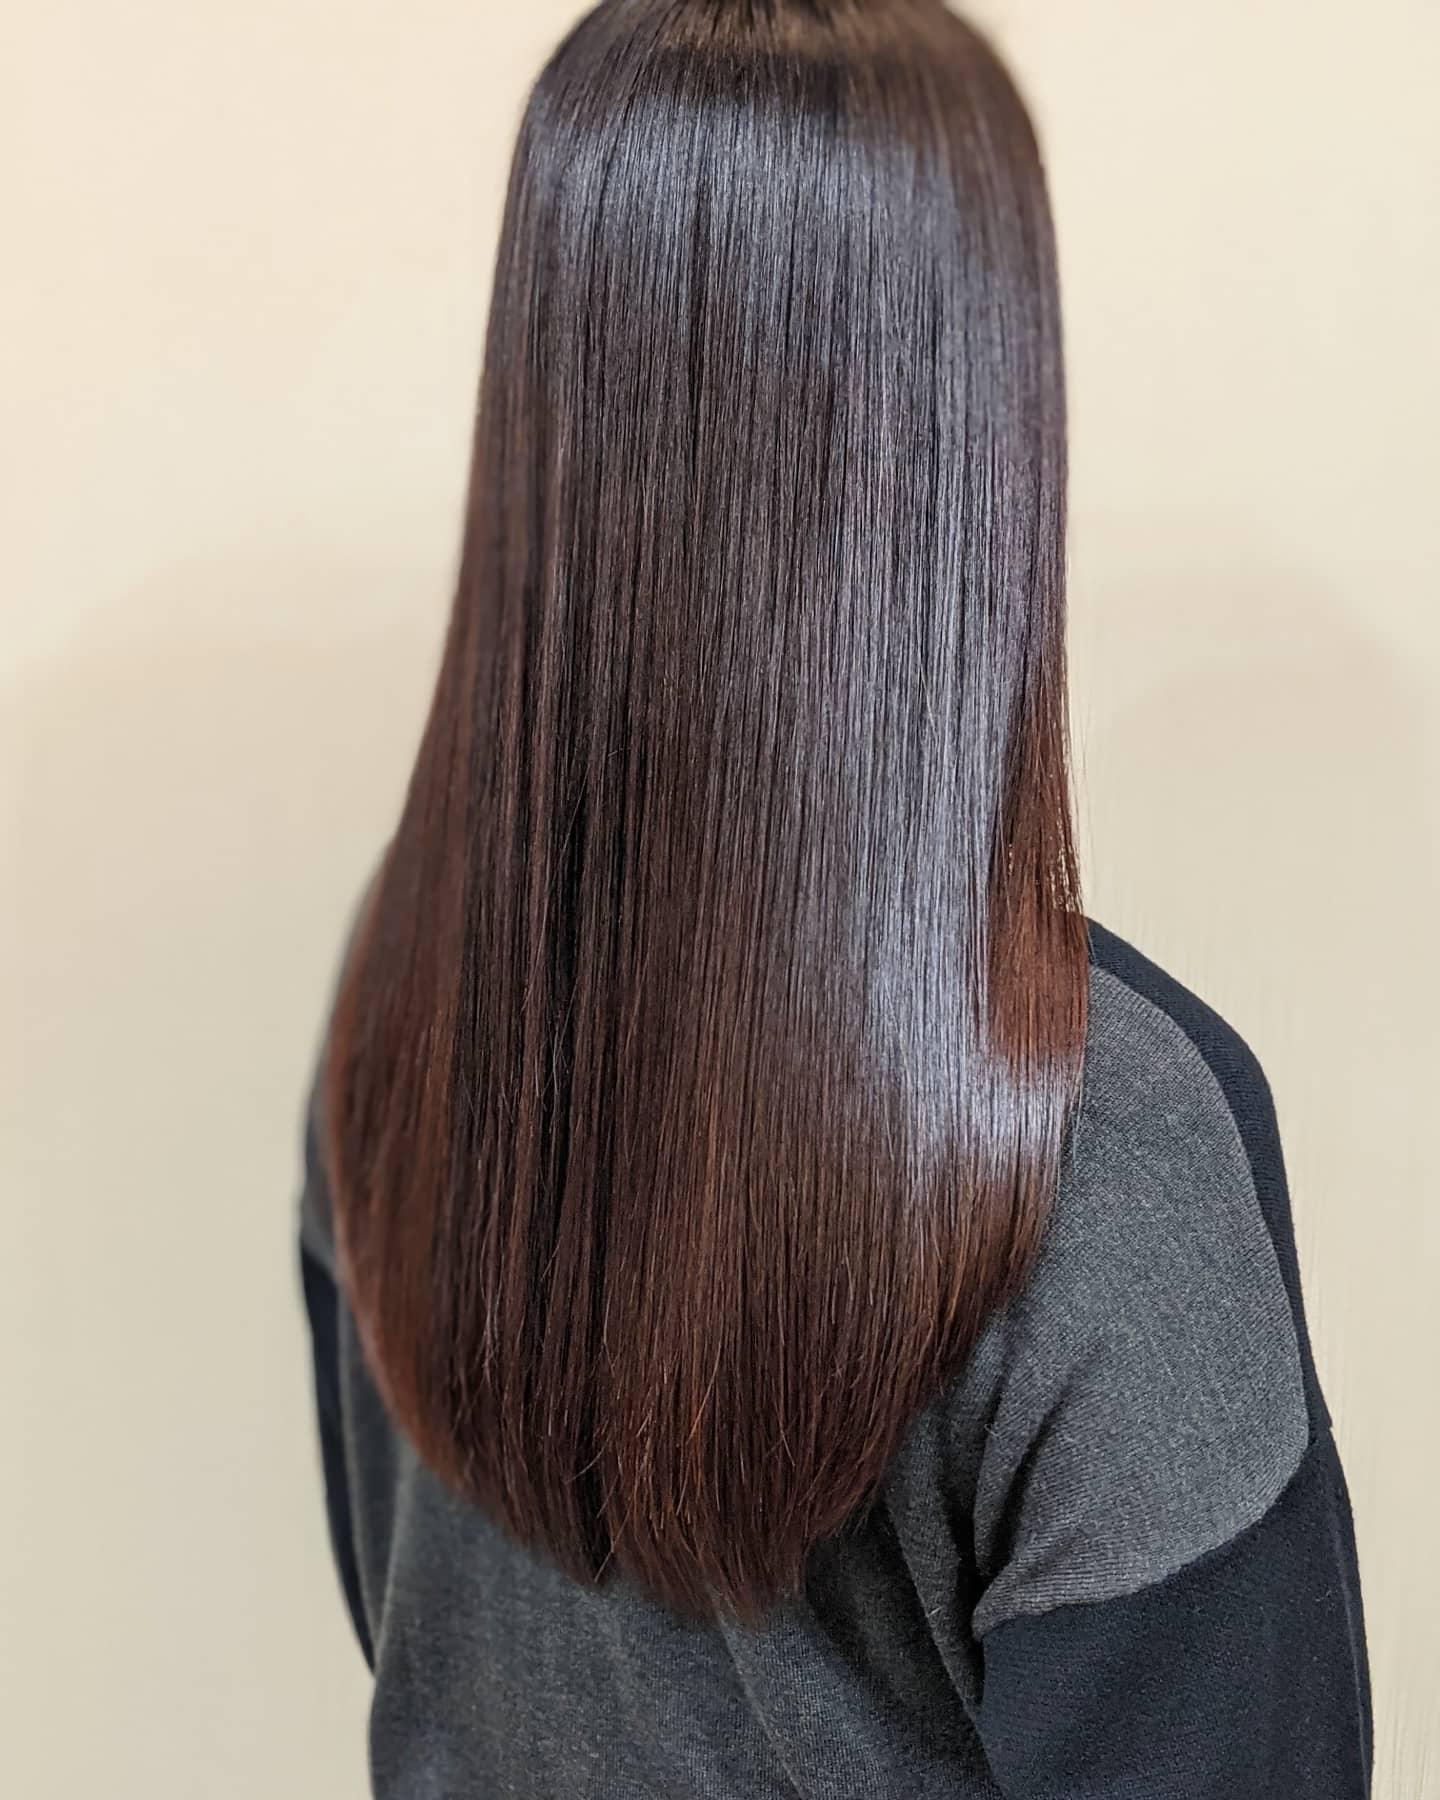 髪を綺麗にして新年度を迎えましょう(ロングの縮毛矯正)